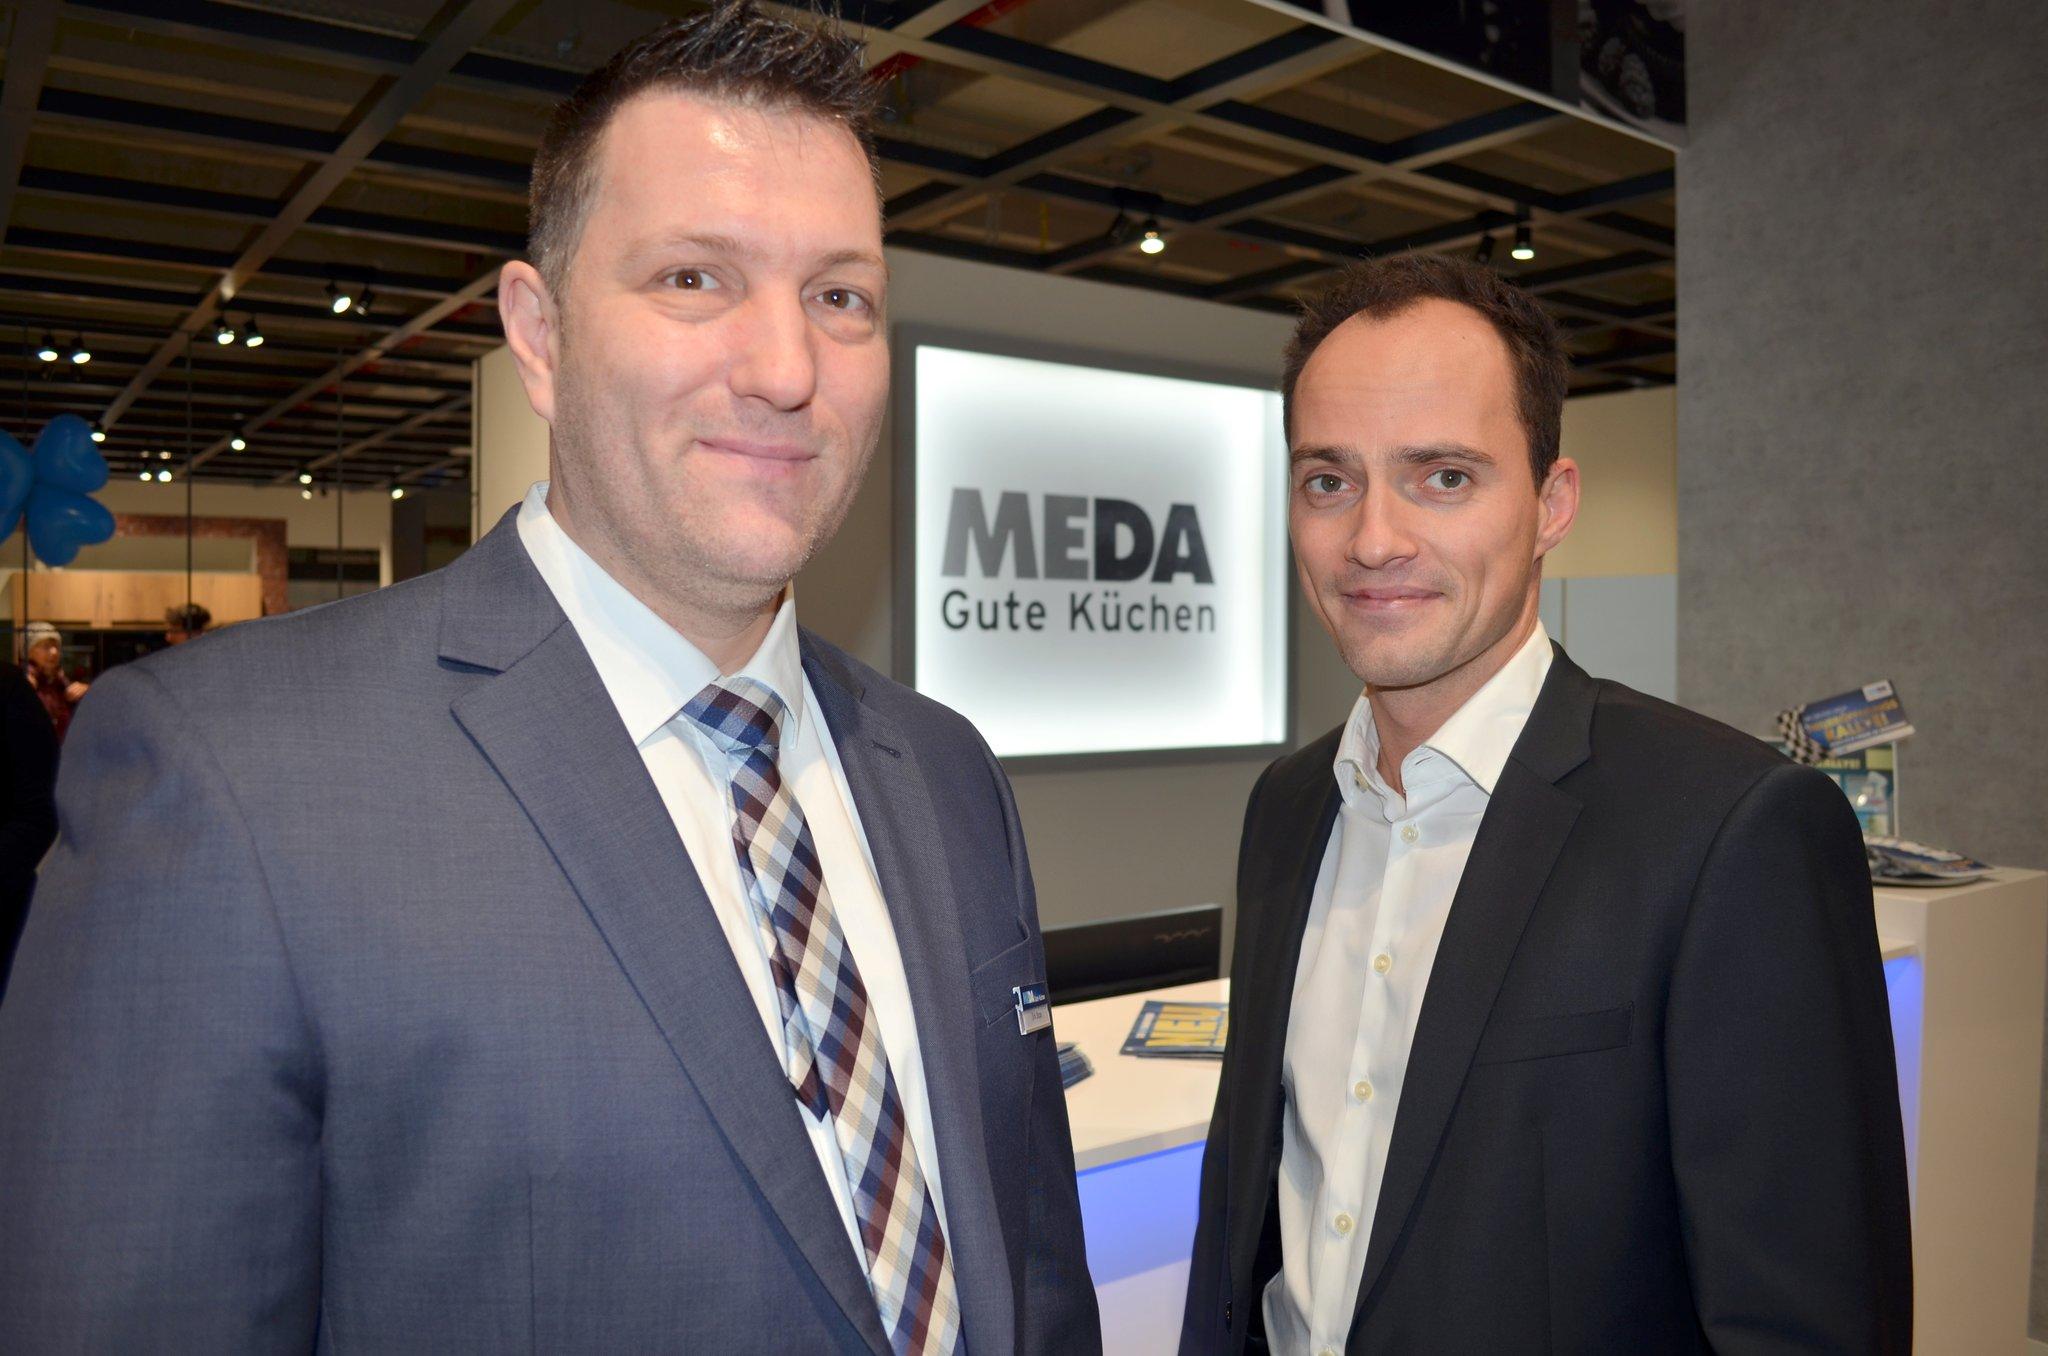 Neue Dimension des Küchenkaufs: MEDA Gute Küchen eröffnete ...